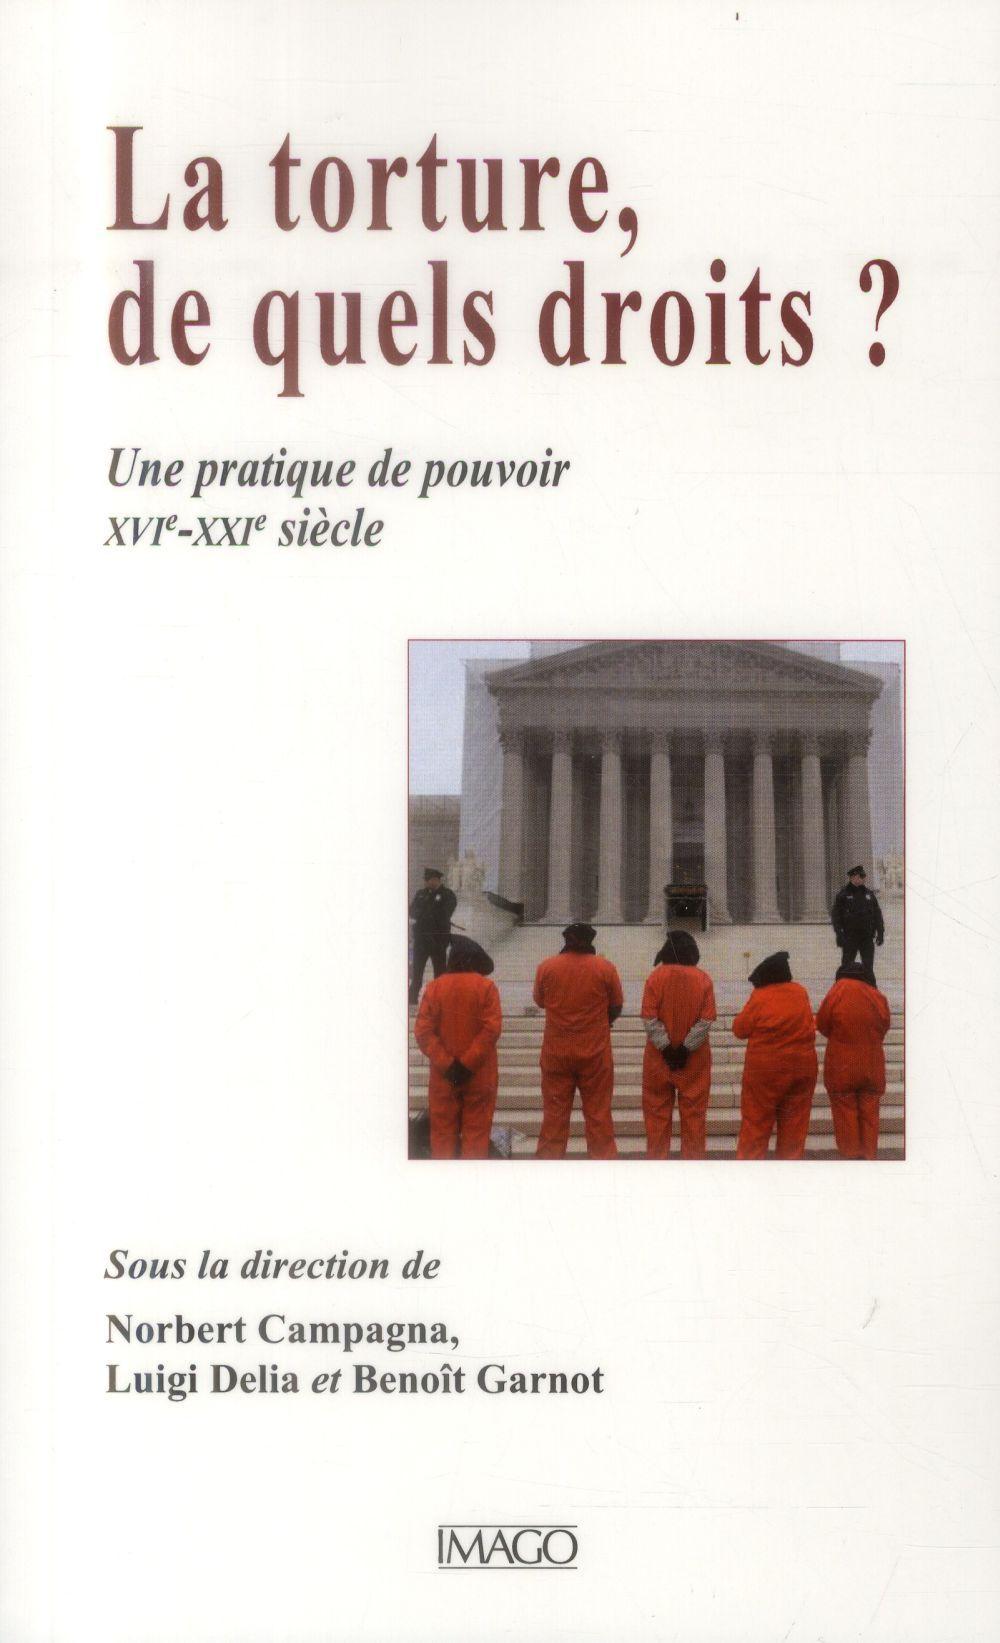 la torture, de quels droits ? une pratique de pouvoir, XVIe-XXIe siècle